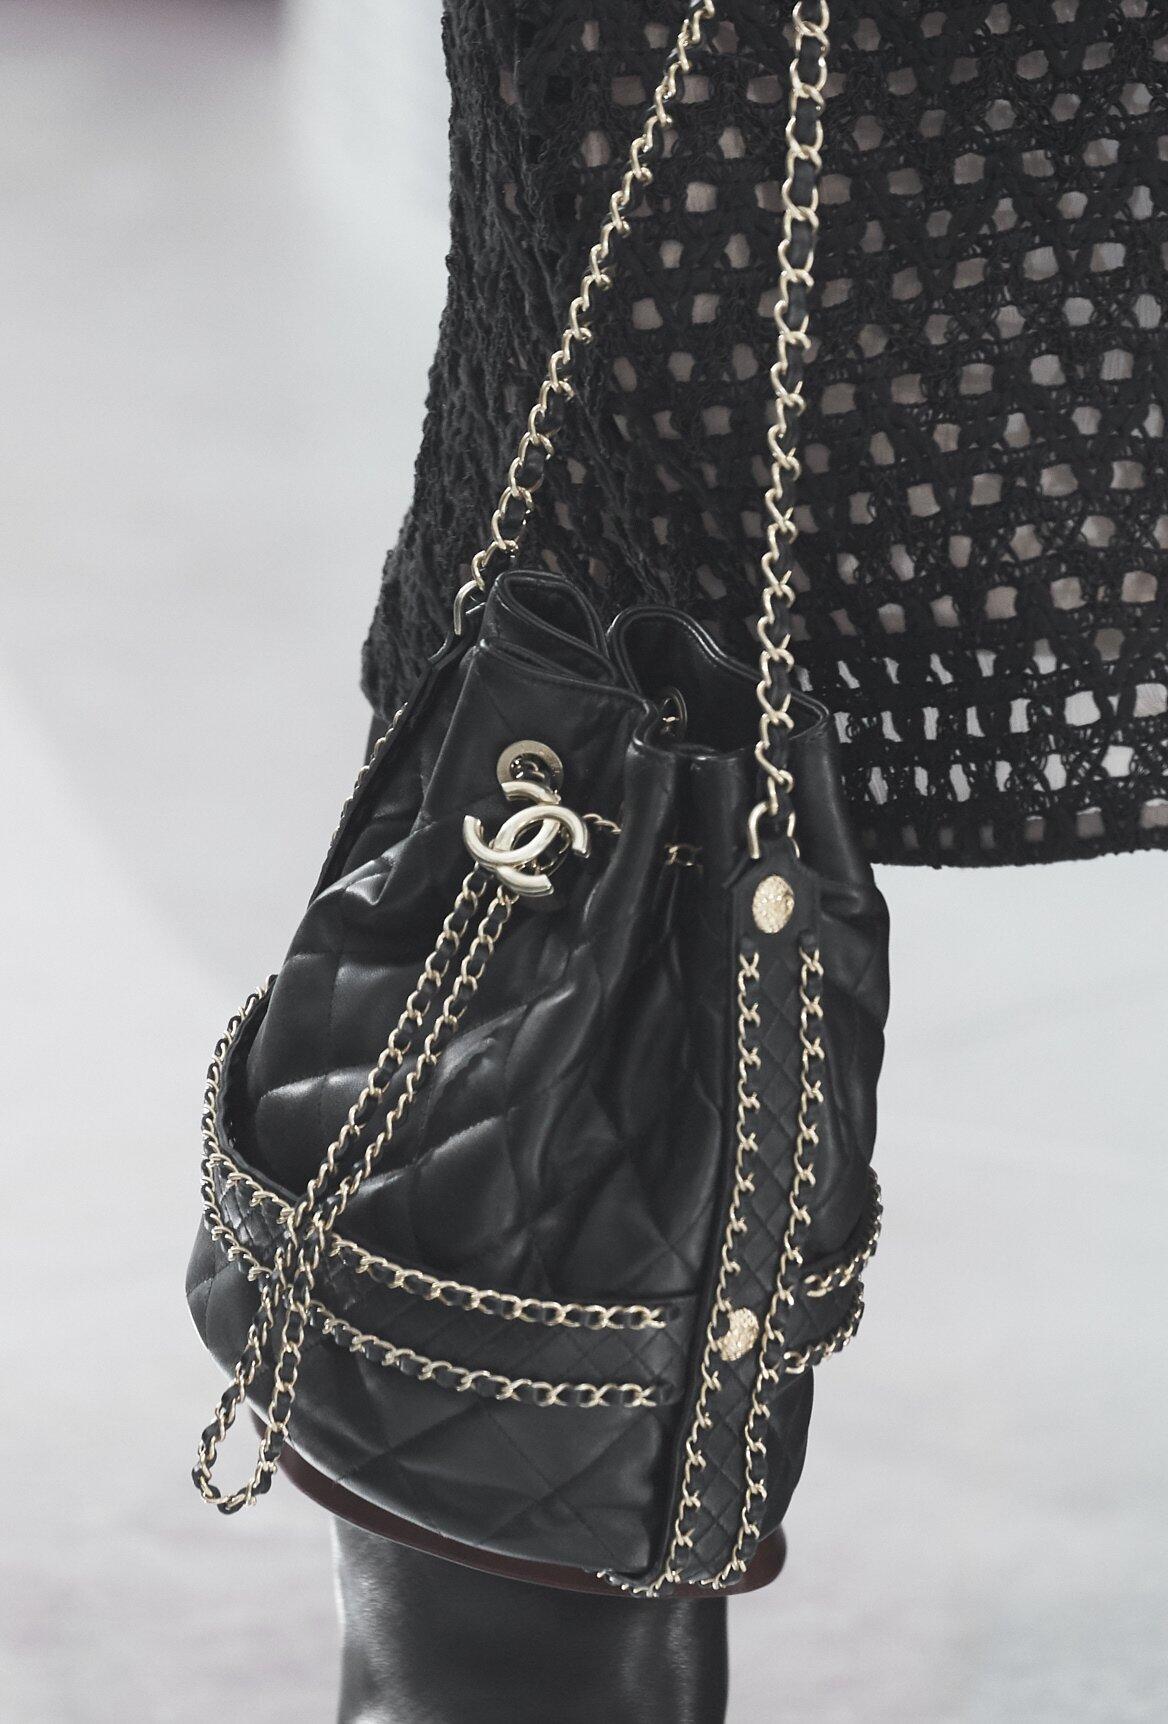 Woman Handbag 2020 Chanel